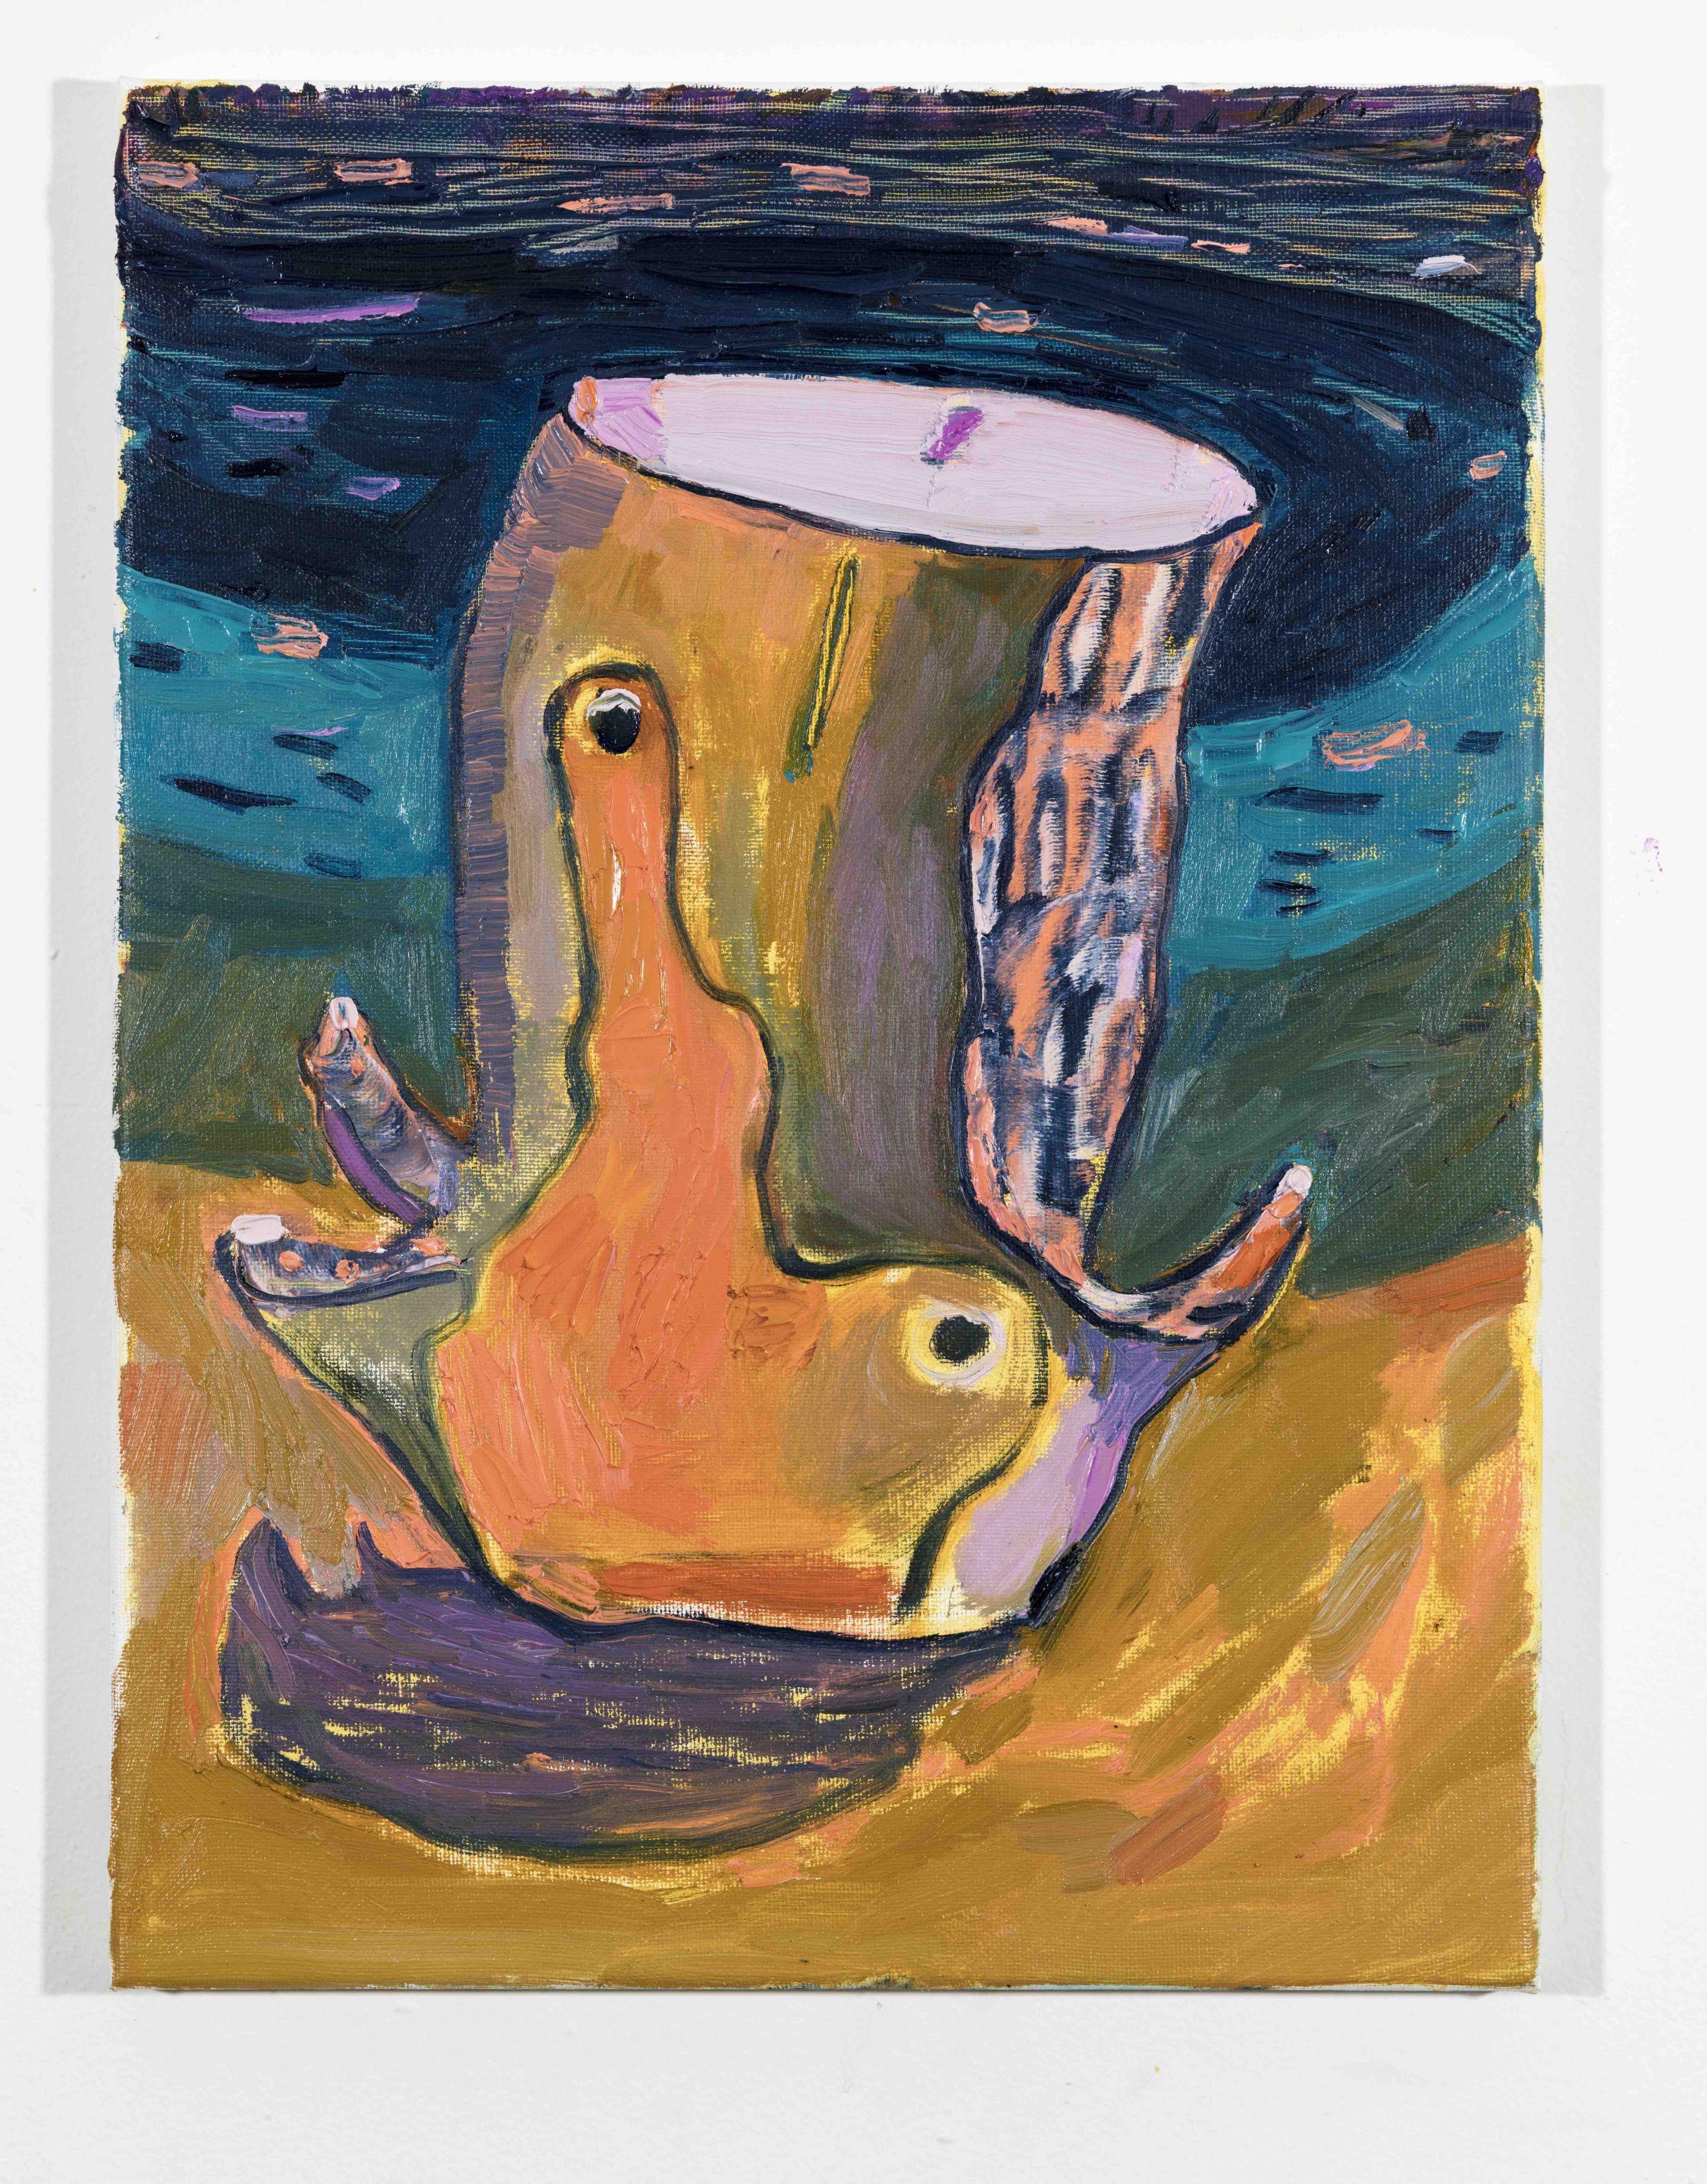 LISA SANDITZ, Landscape Color Study 3, 2019